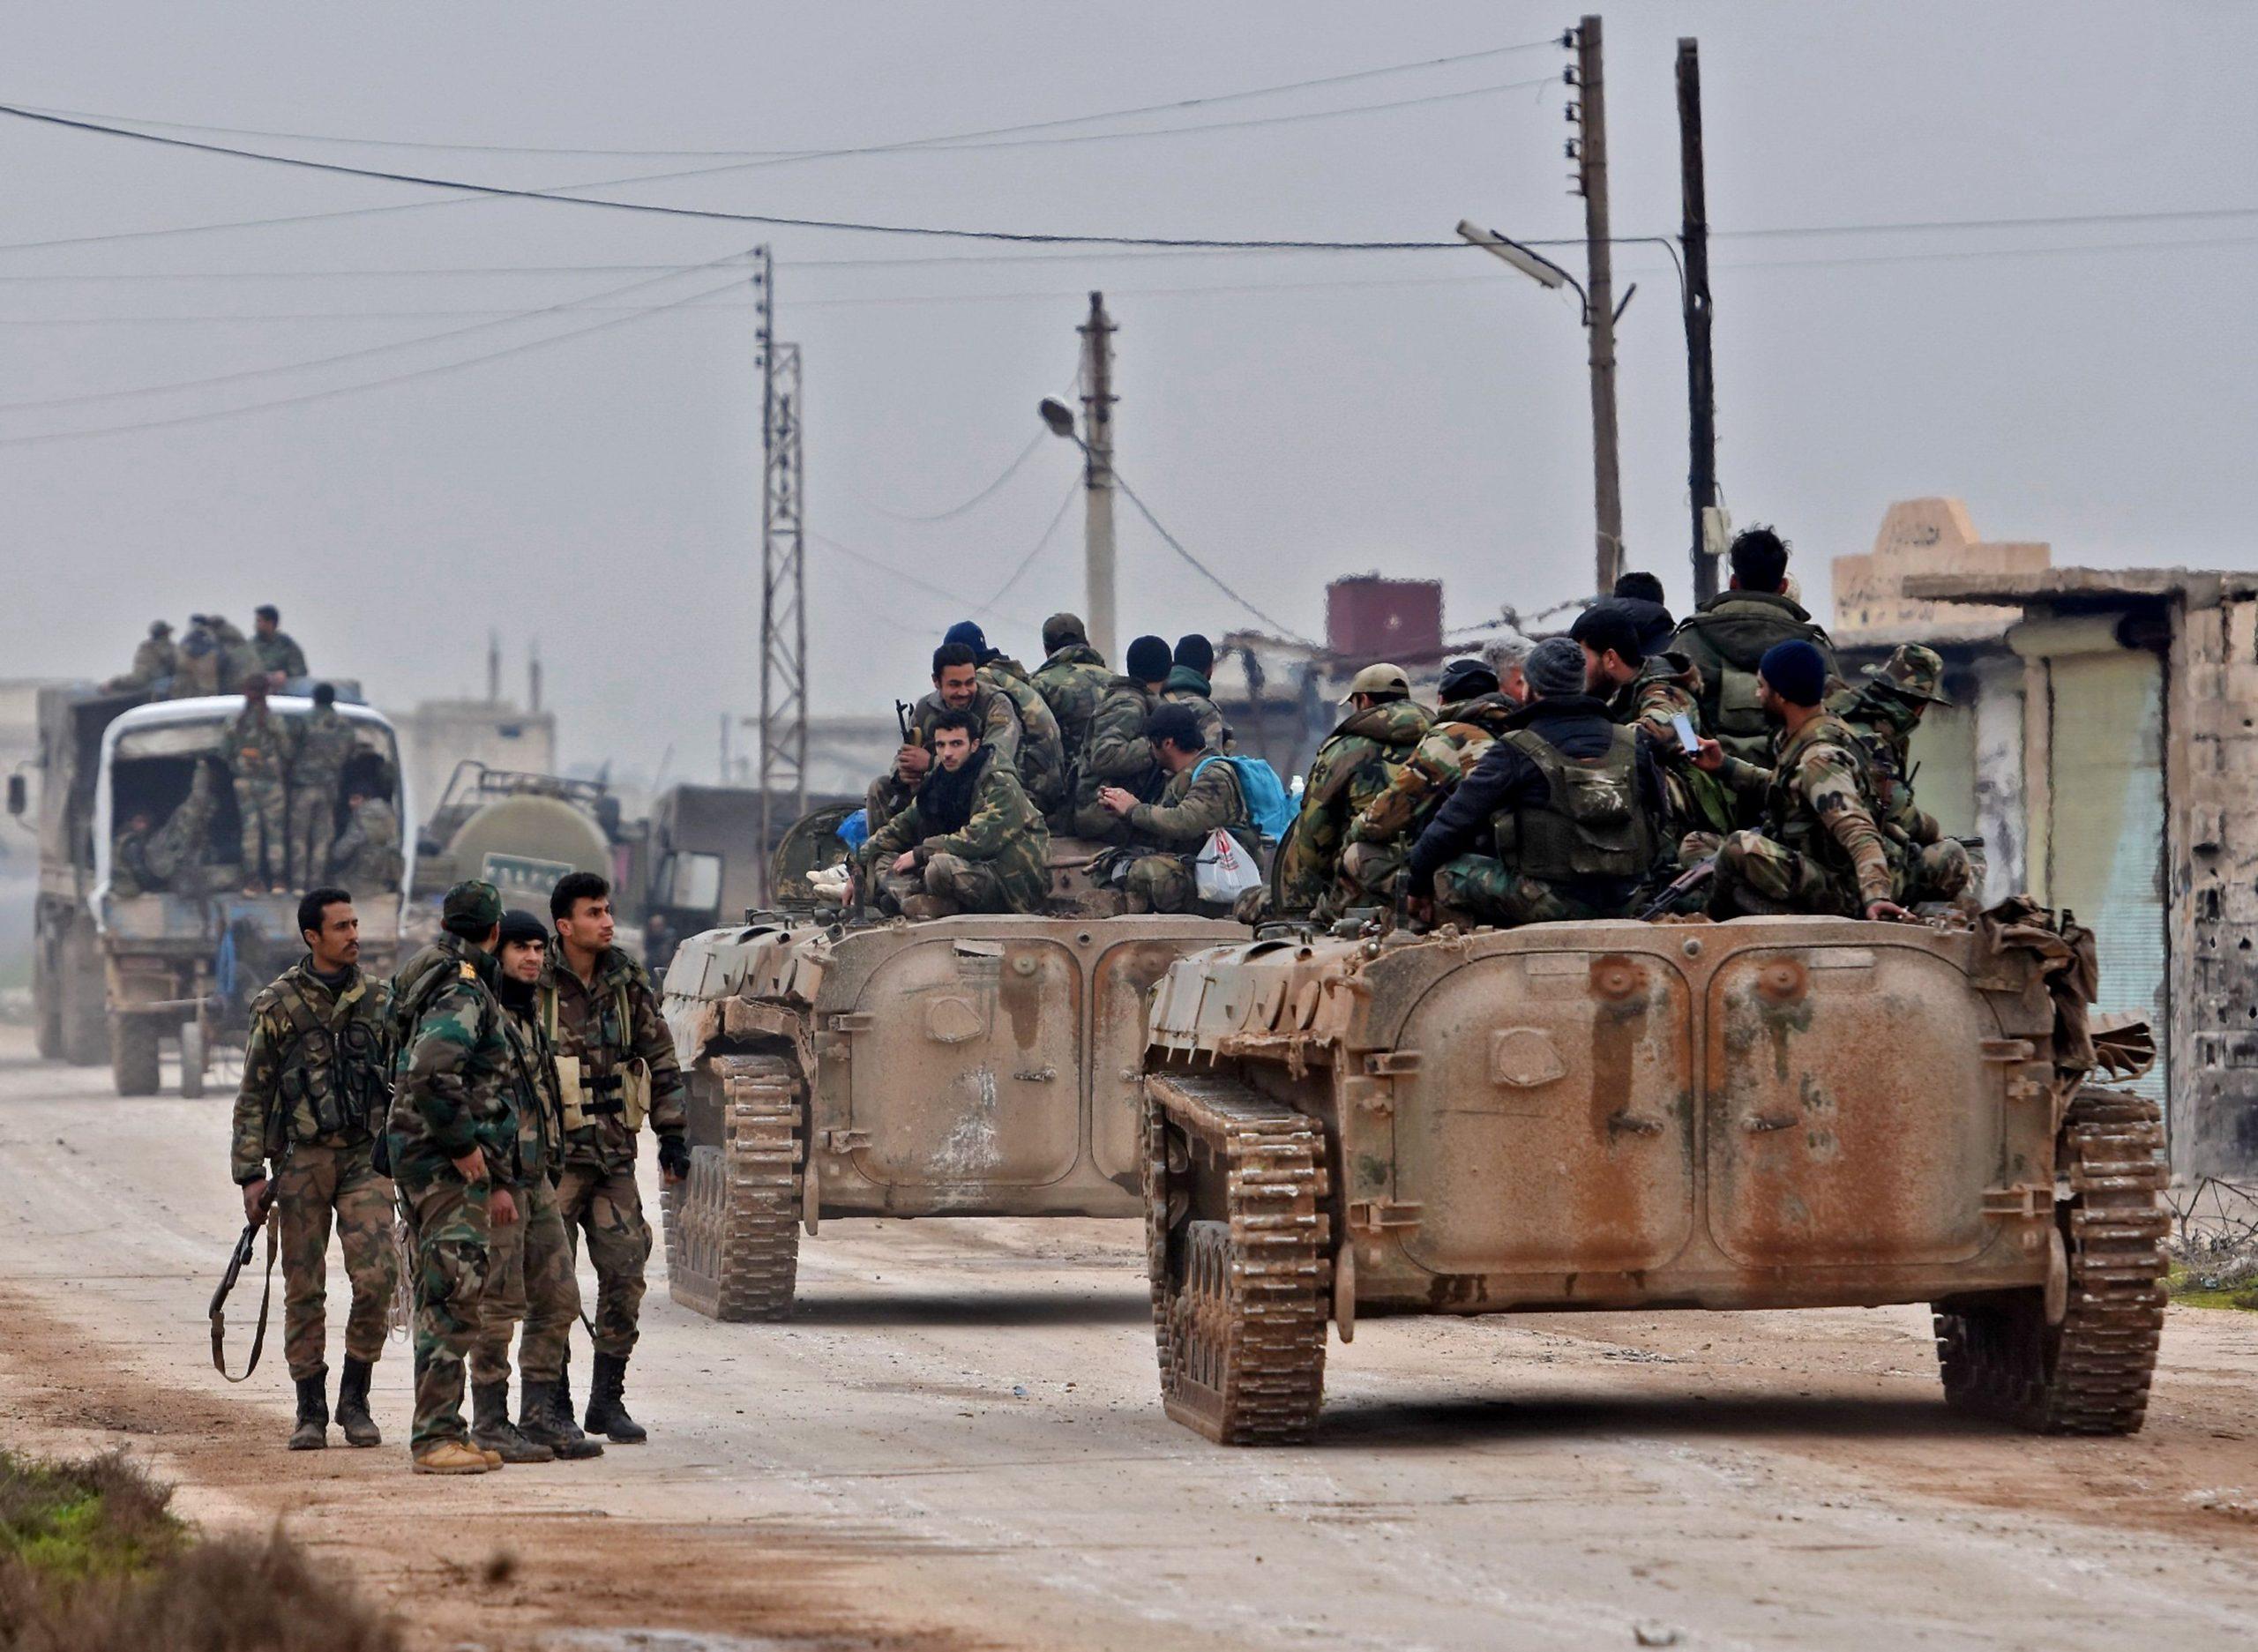 قوات النظام و الميليشات الحليفة ترسل تعزيزات ضخمة للبادية السورية